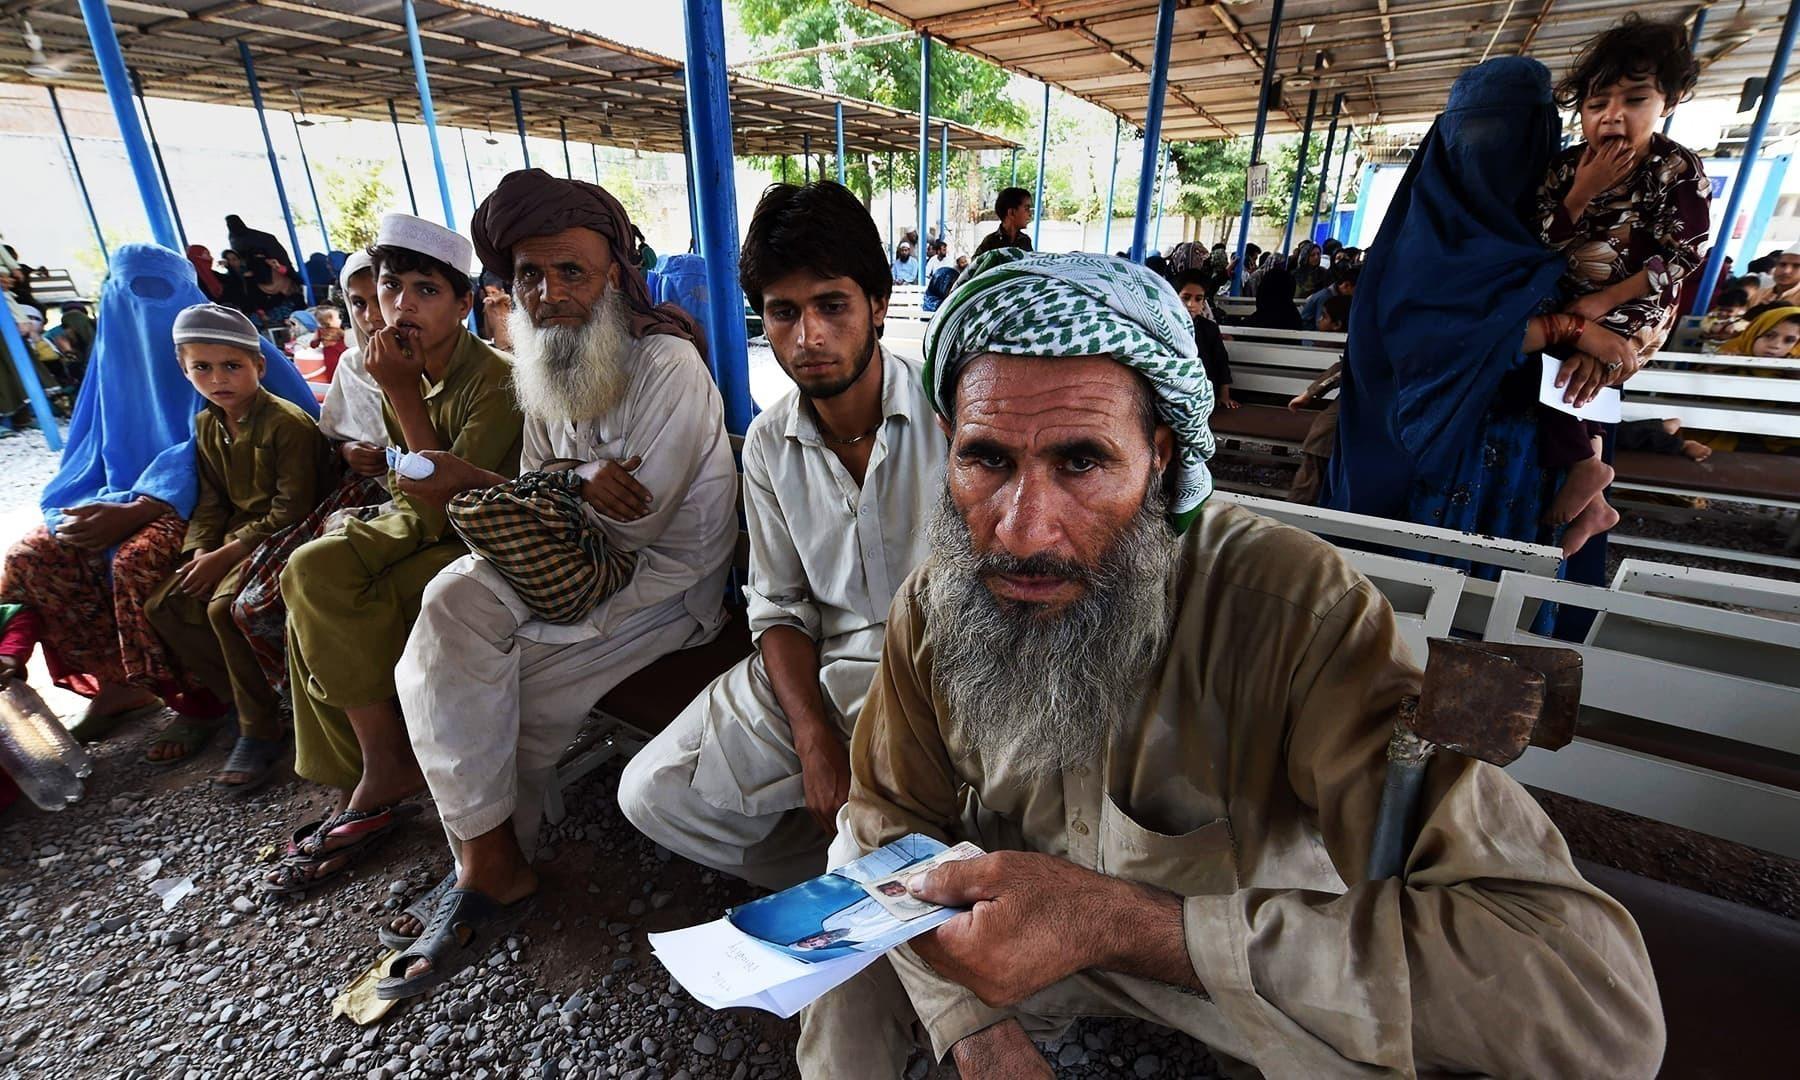 14 لاکھ افغان مہاجرین کو نئے اسمارٹ کارڈز کے اجرا کا آغاز